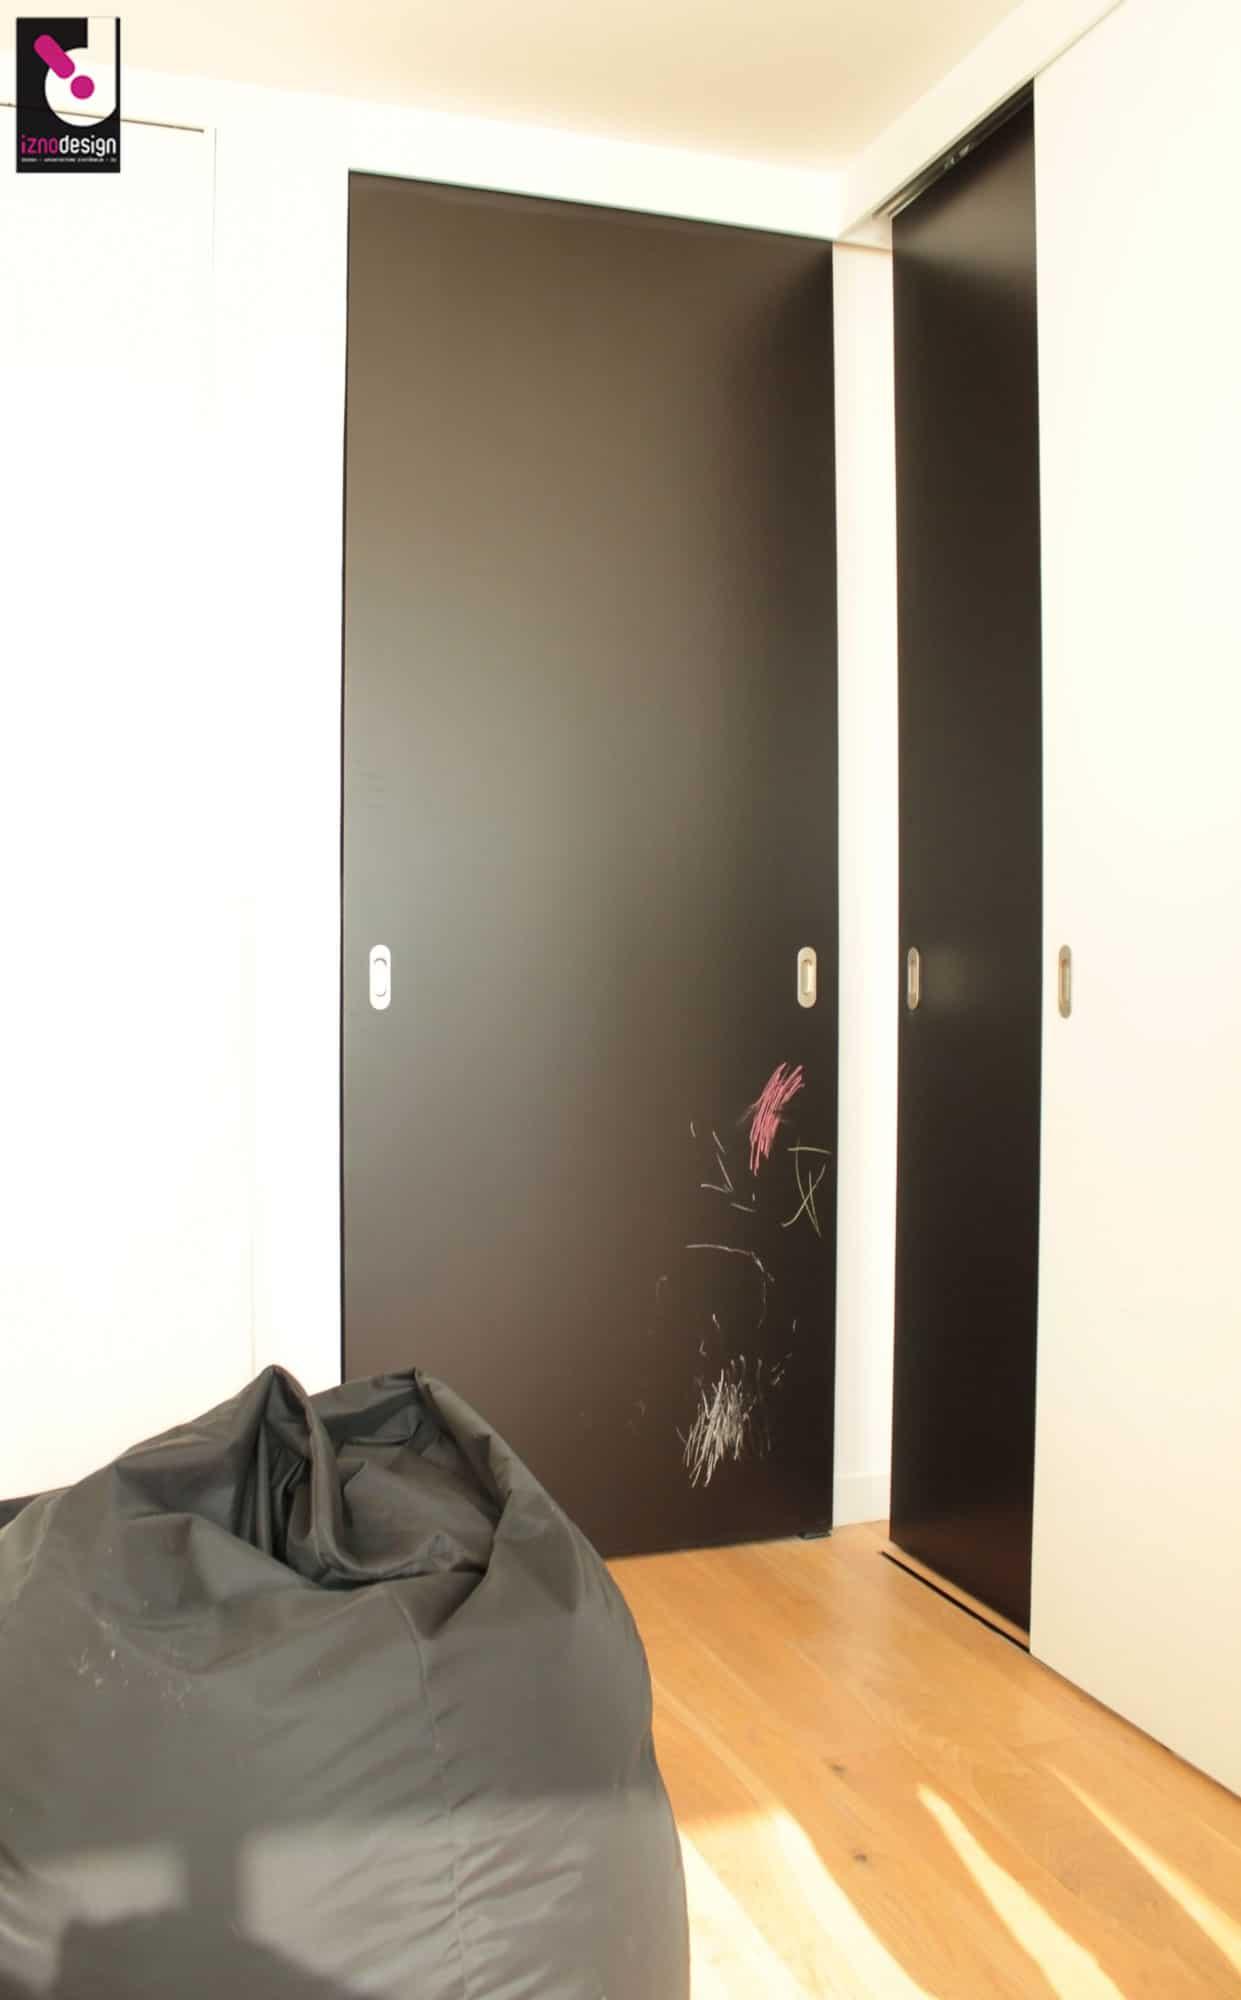 Cloison mobile dans un s jour iznodesign - Cloison mobile appartement ...